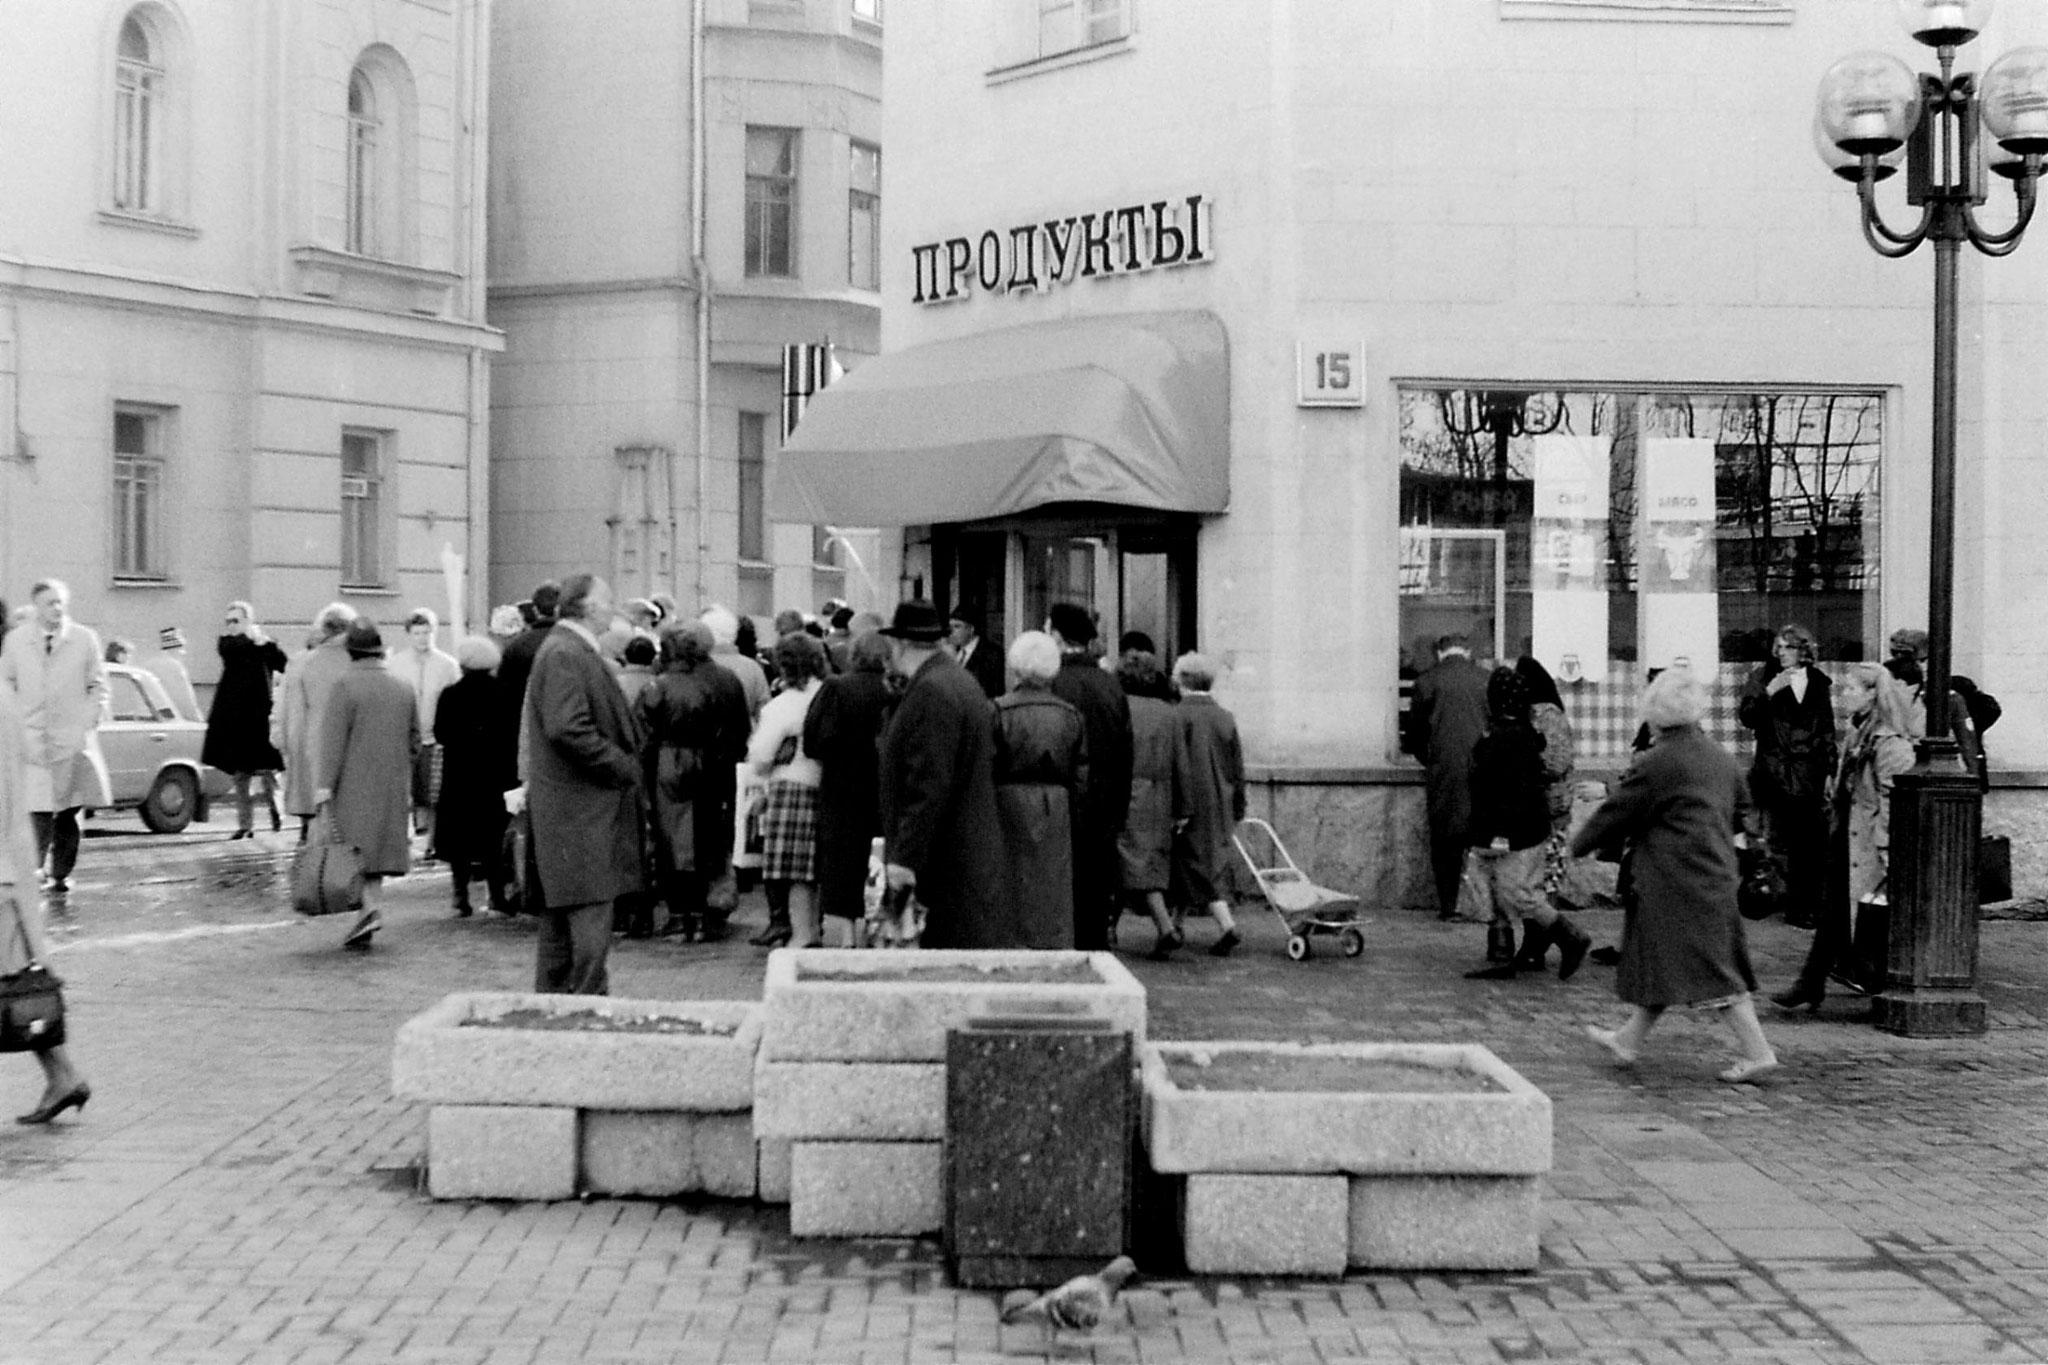 18/10/1988: 14:Ul. Arbat queue